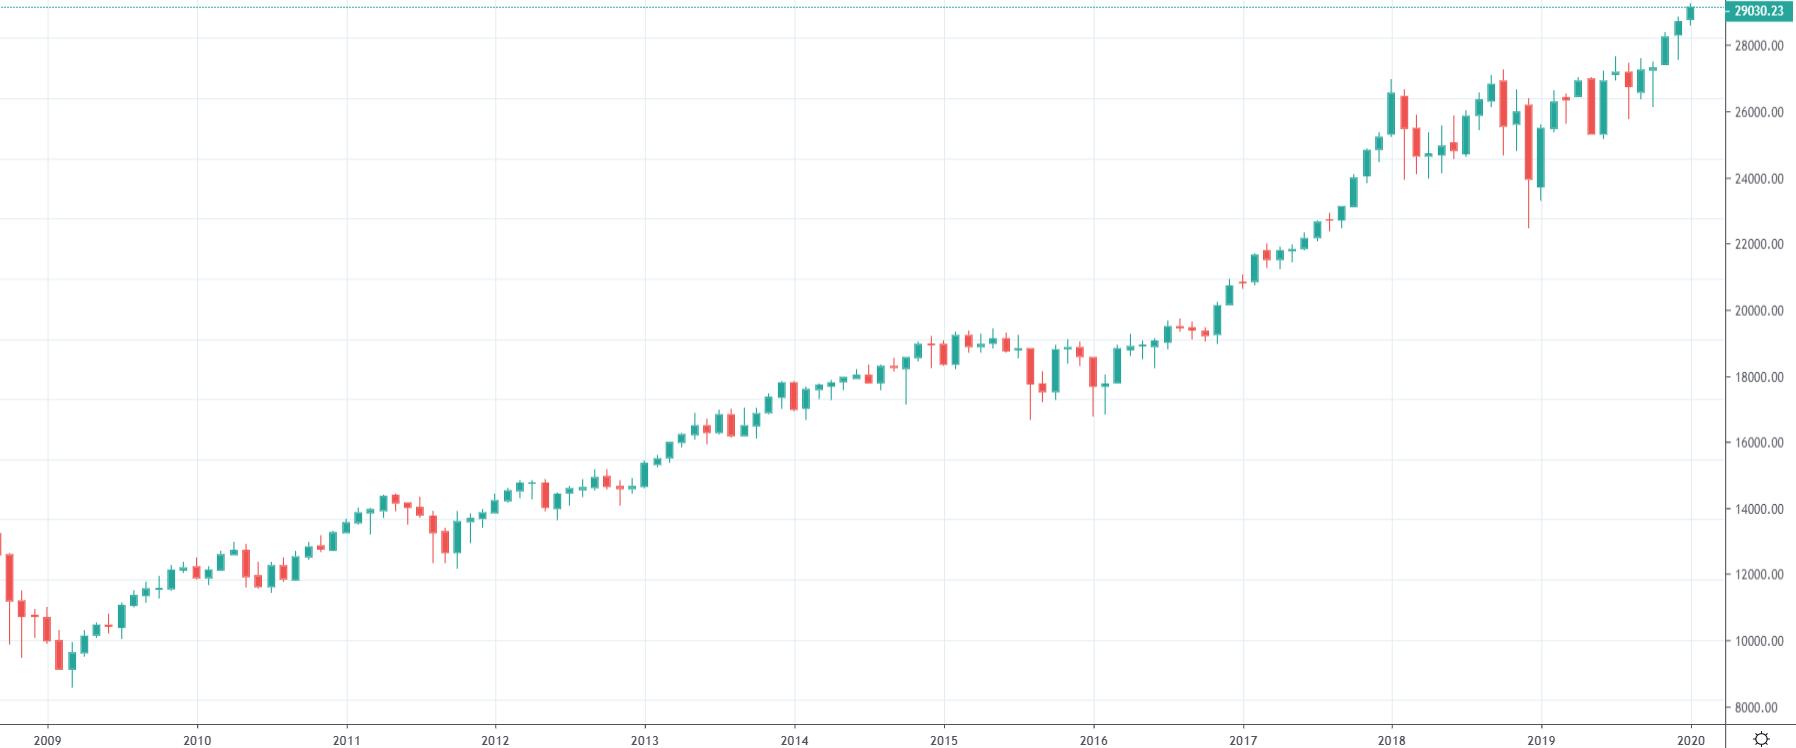 Dow Jones - historie